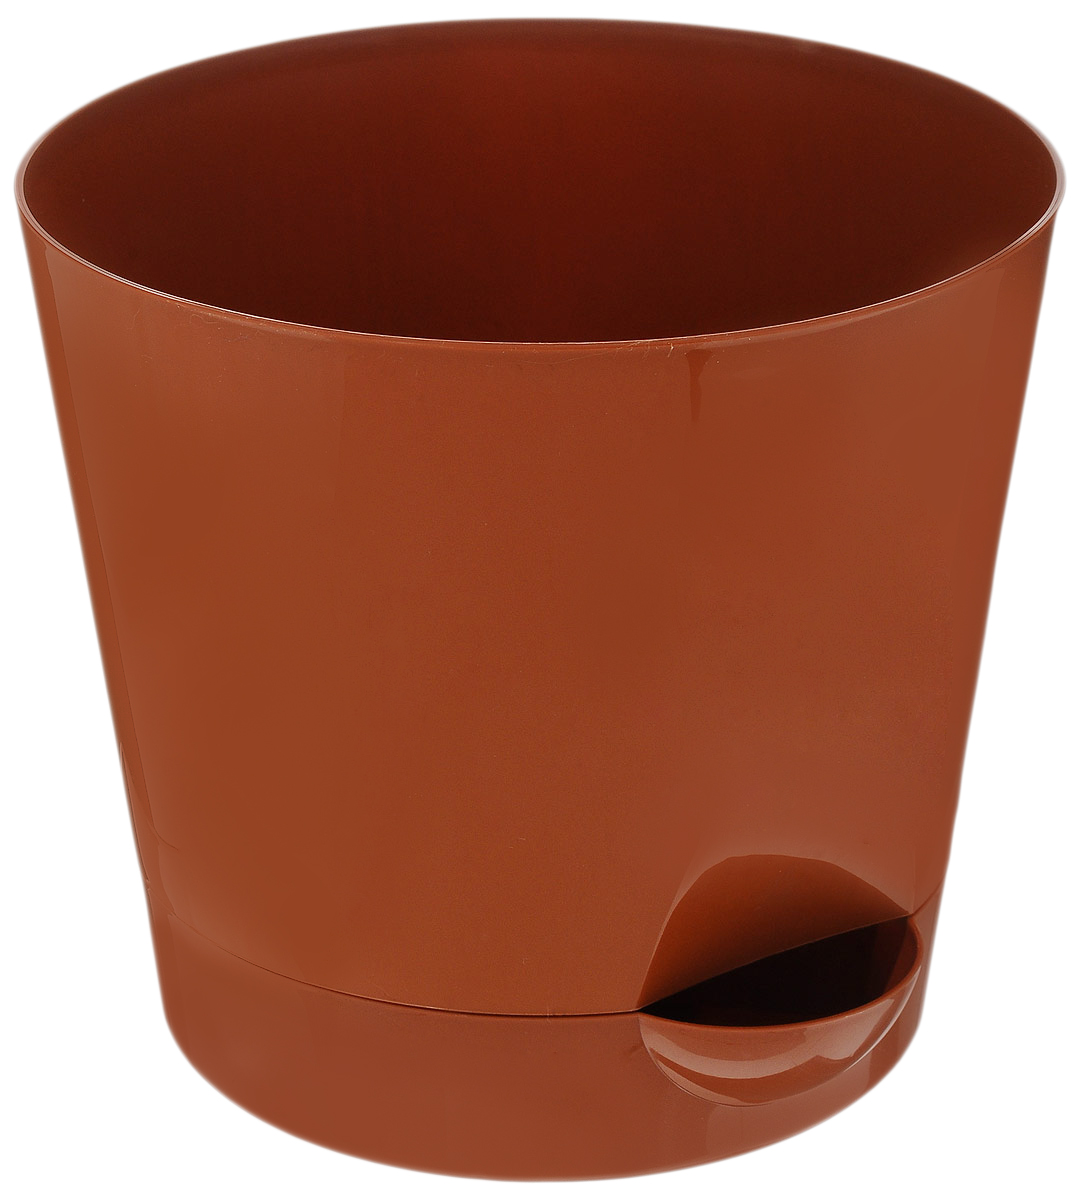 """Кашпо Idea """"Ника"""" изготовлено из высококачественного полипропилена (пластика). В комплект входит поддон со специальной выемкой, благодаря которому имеется возможность прикорневого полива. Изделие подходит для выращивания растений и цветов в домашних условиях. Стильная яркая картинка сделает такое кашпо прекрасным дополнением интерьера. Объем горшка: 2,7 л. Диаметр горшка (по верхнему краю): 18 см. Высота горшка: 16,5 см. Диаметр подставки: 15 см."""